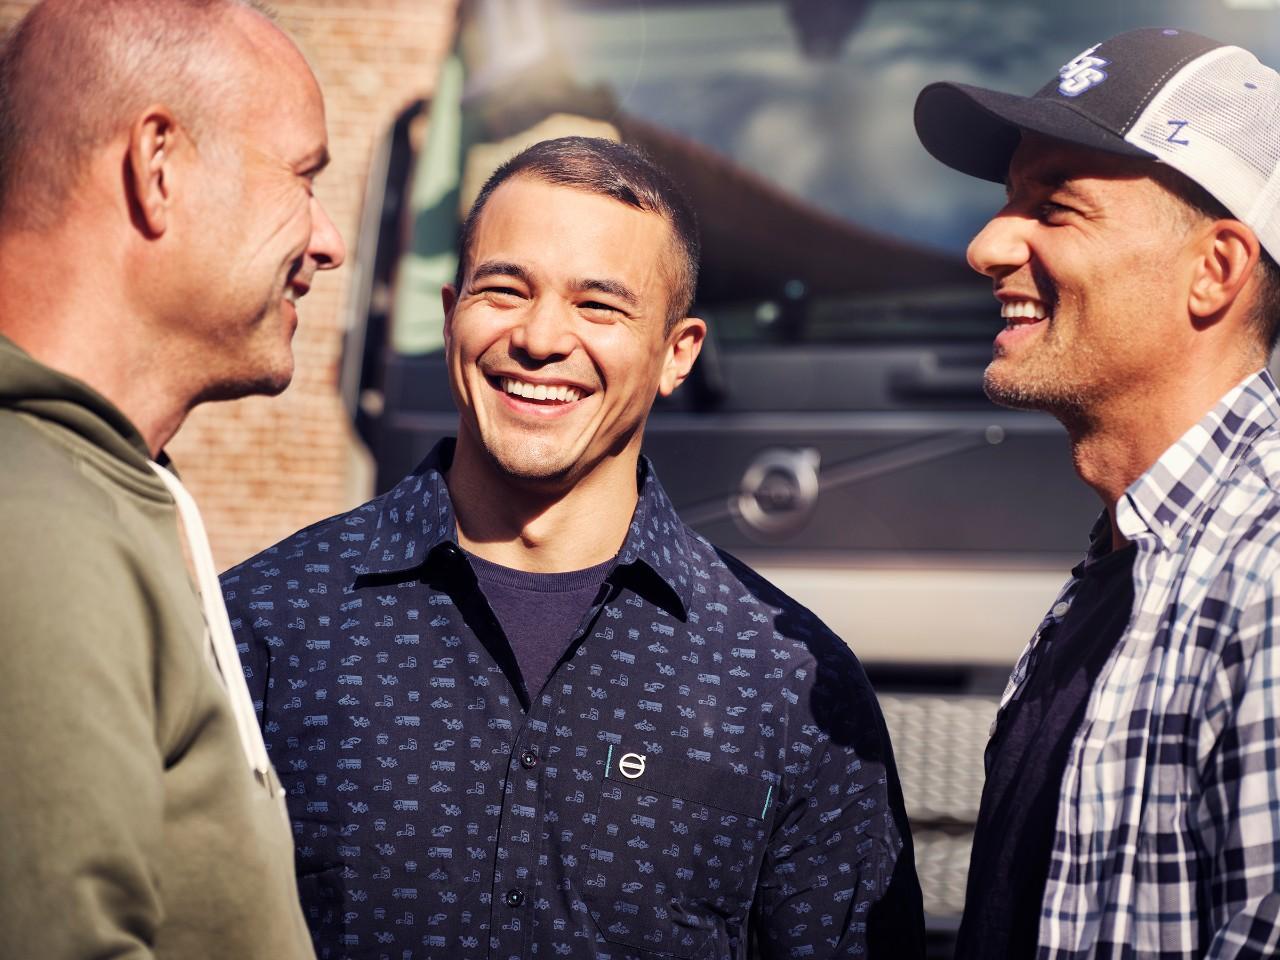 Pohľad zblízka na troch mužov usmievajúcich sa pred nákladným vozidlom Volvo